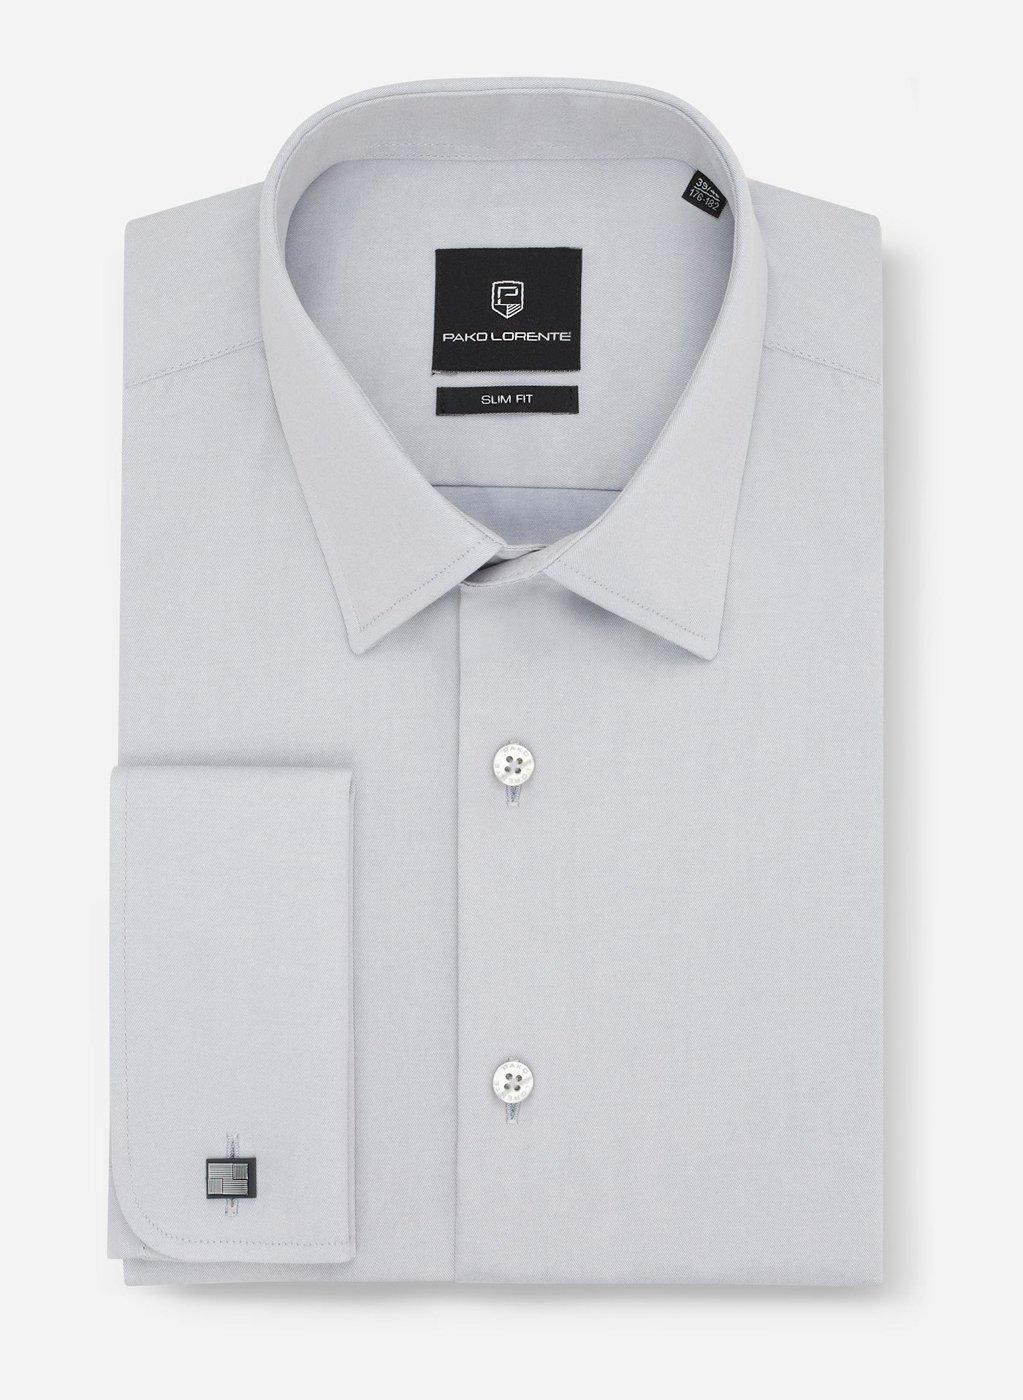 Koszula męska EGON PLM-1X-461-S